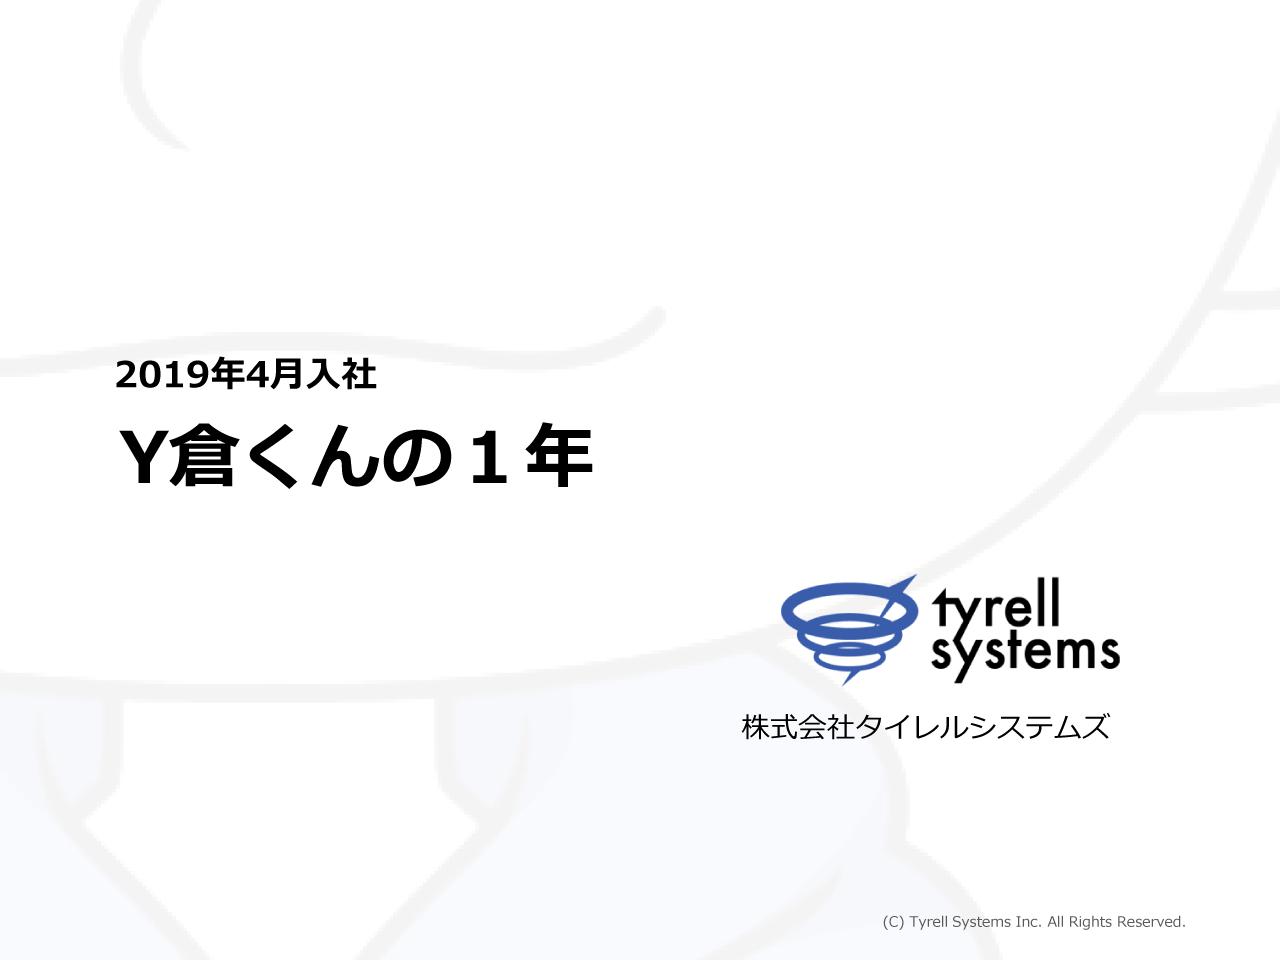 Y倉くんの1年 p1